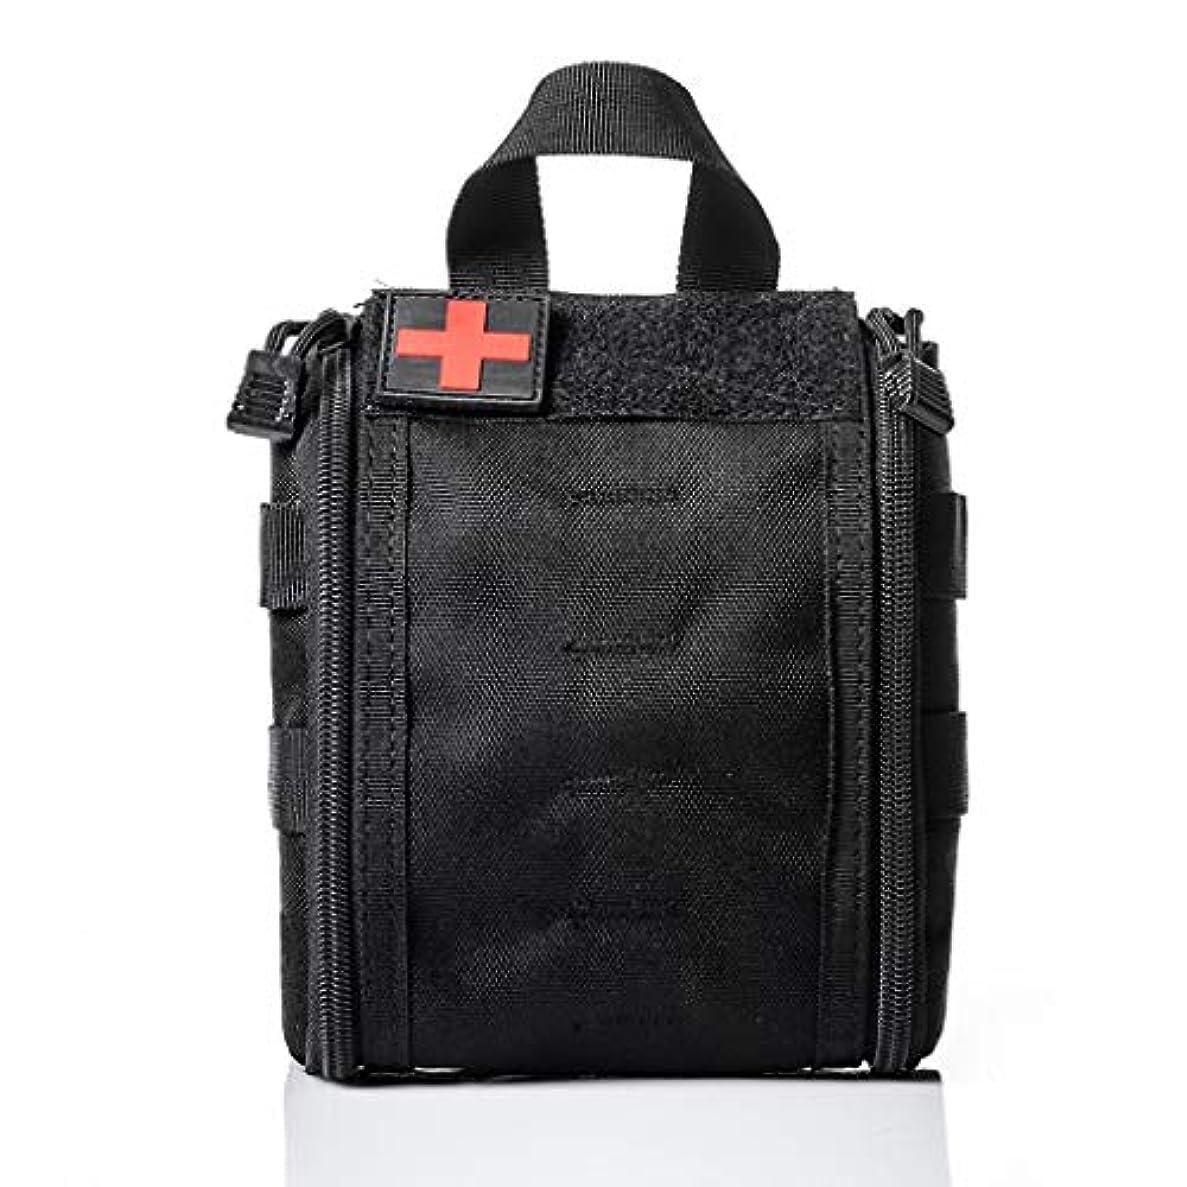 基本的なガードフィールドNYDZDM 応急処置キット - アウトドアスポーツトラベルトラベルカーケア収納バッグ、サバイバル記事緊急キットバッグ (Color : C)